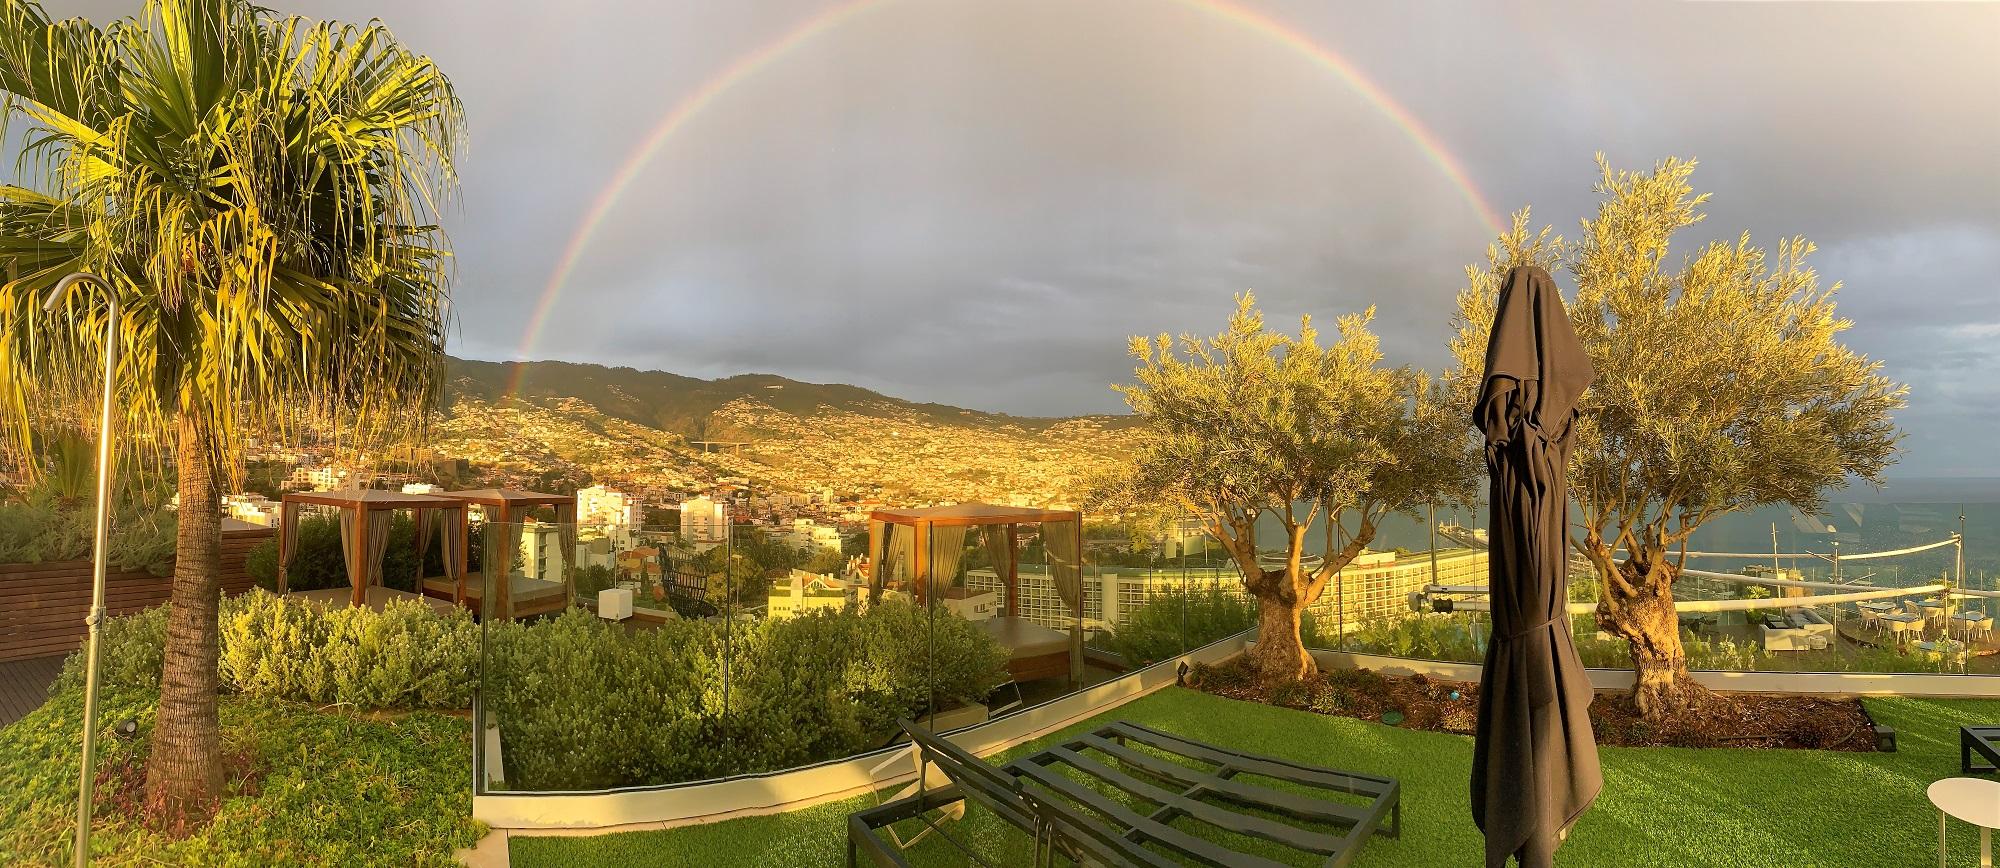 Vistas desde un hotel de lujo en Funchal